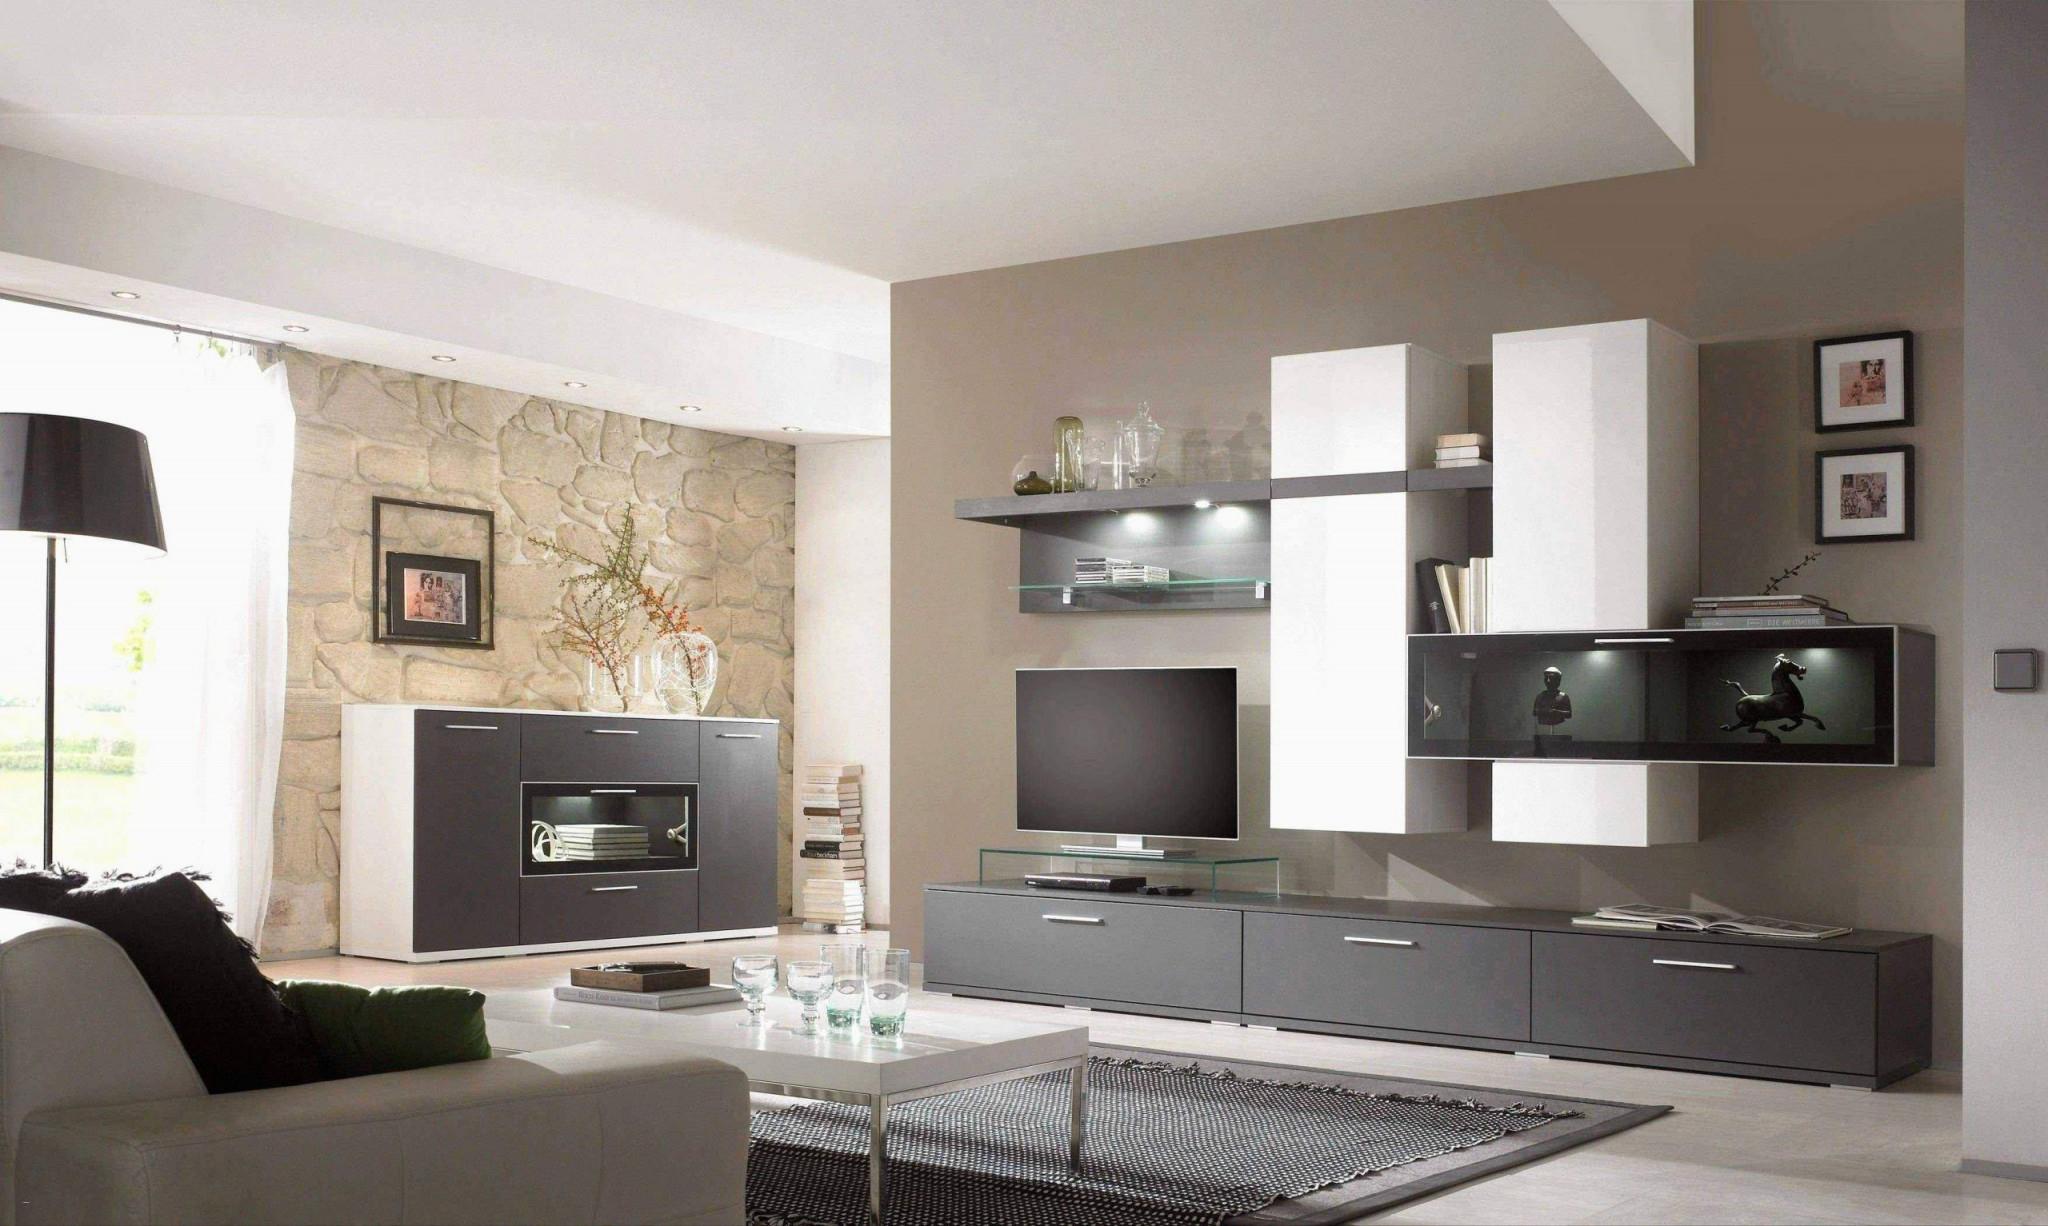 Wohnzimmer Ideen Wandgestaltung Streifen Schön Best von Wohnzimmer Ausmalen Ideen Photo